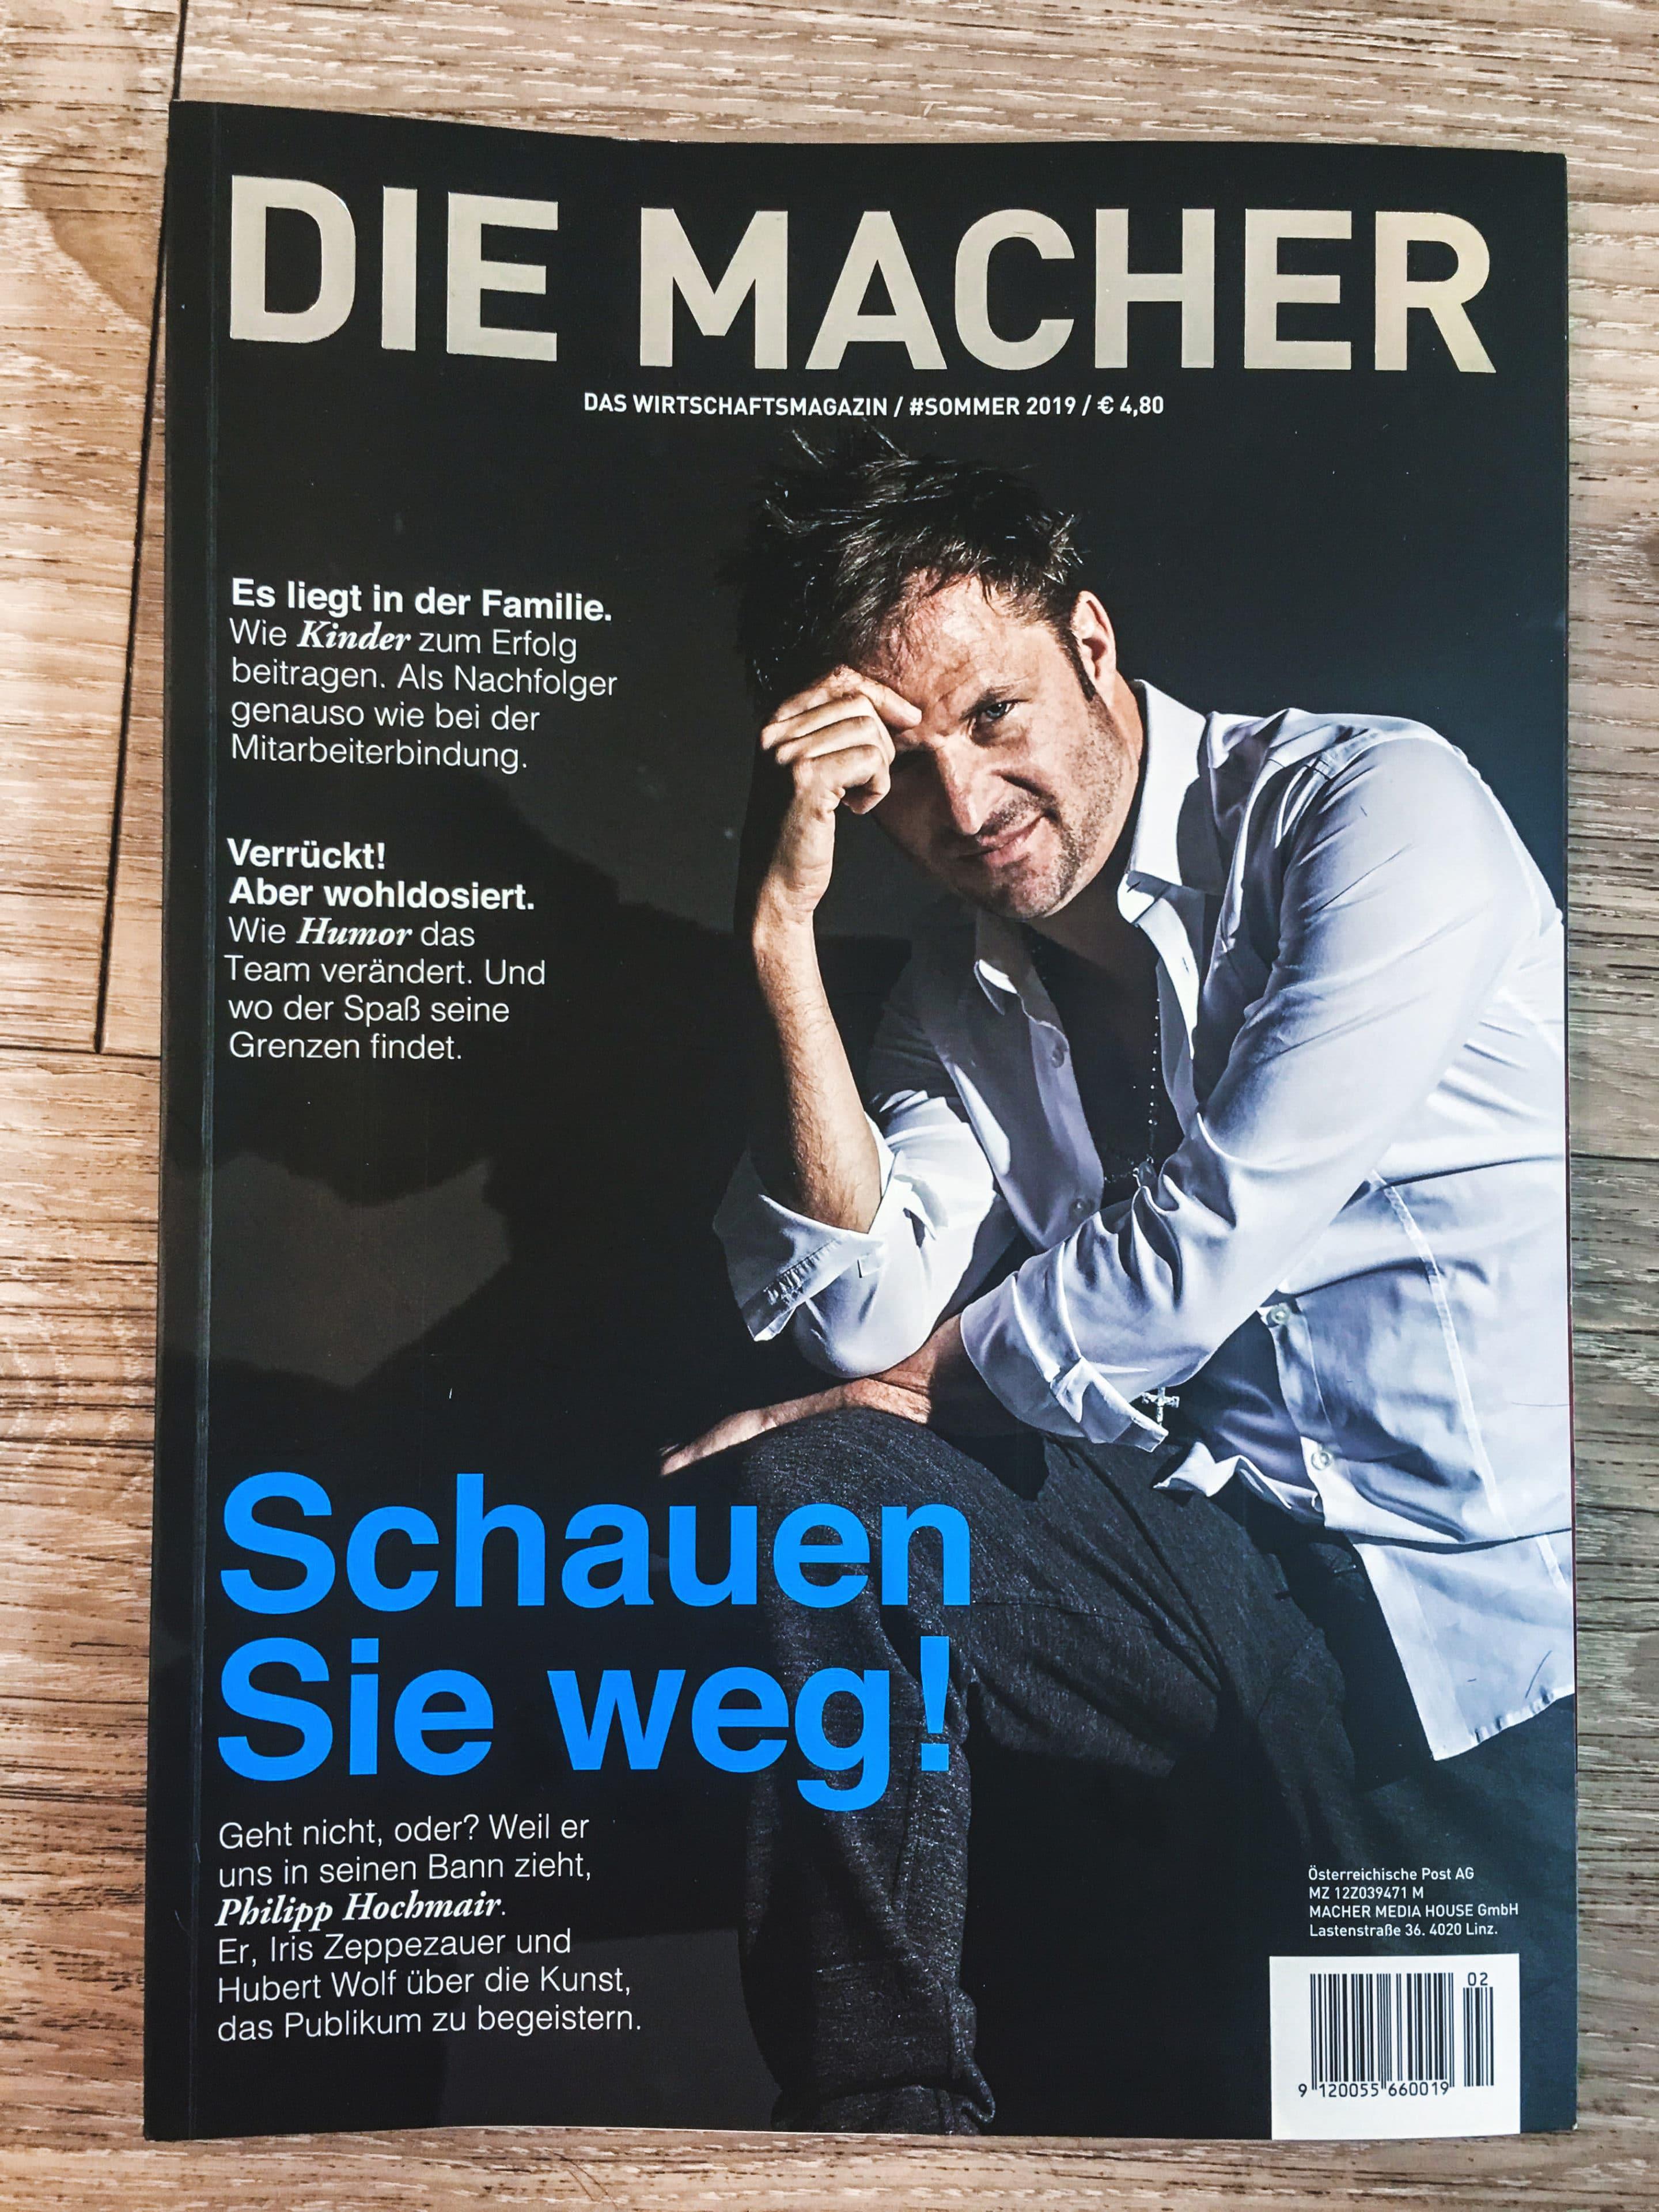 Carola Claudia Staudinger Hair Salon & Spa Wir durften den österreichischen Schauspieler Philipp Hochmair für das Cover vonDie Macher - das Wirtschaftsmagazin stylen.